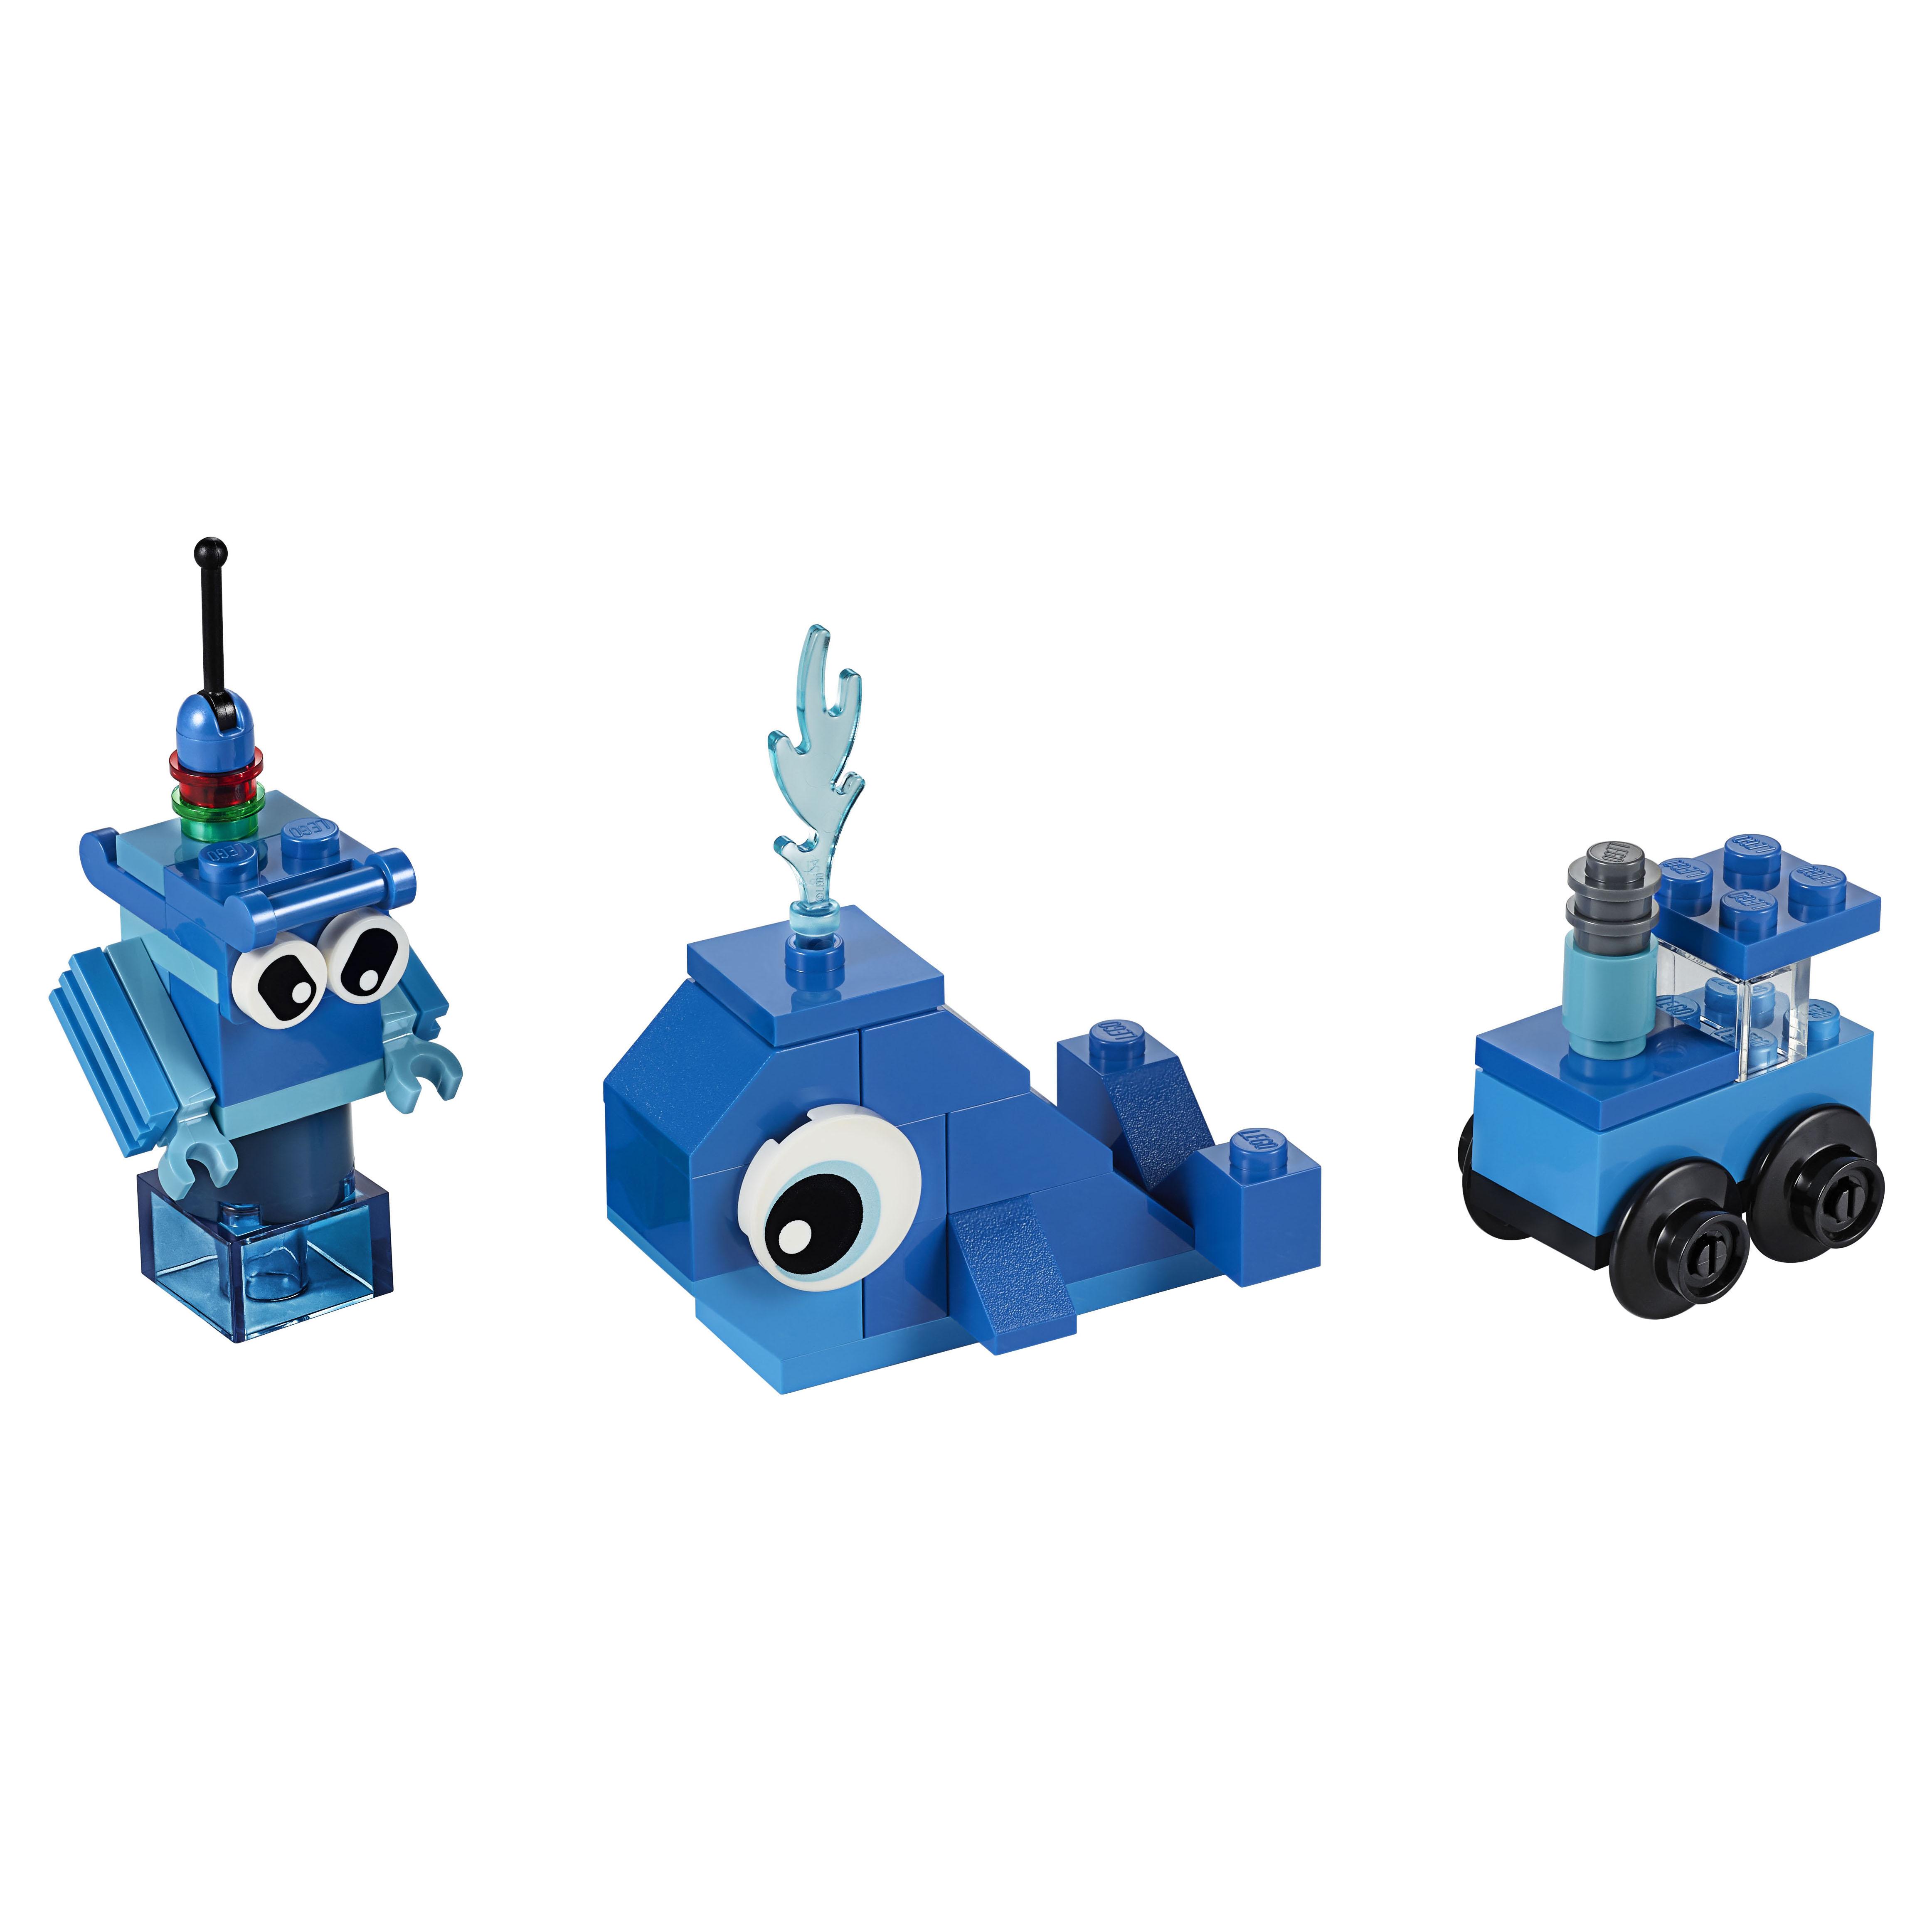 Купить Конструктор LEGO Classic 11006 Синий набор для конструирования, LEGO для девочек